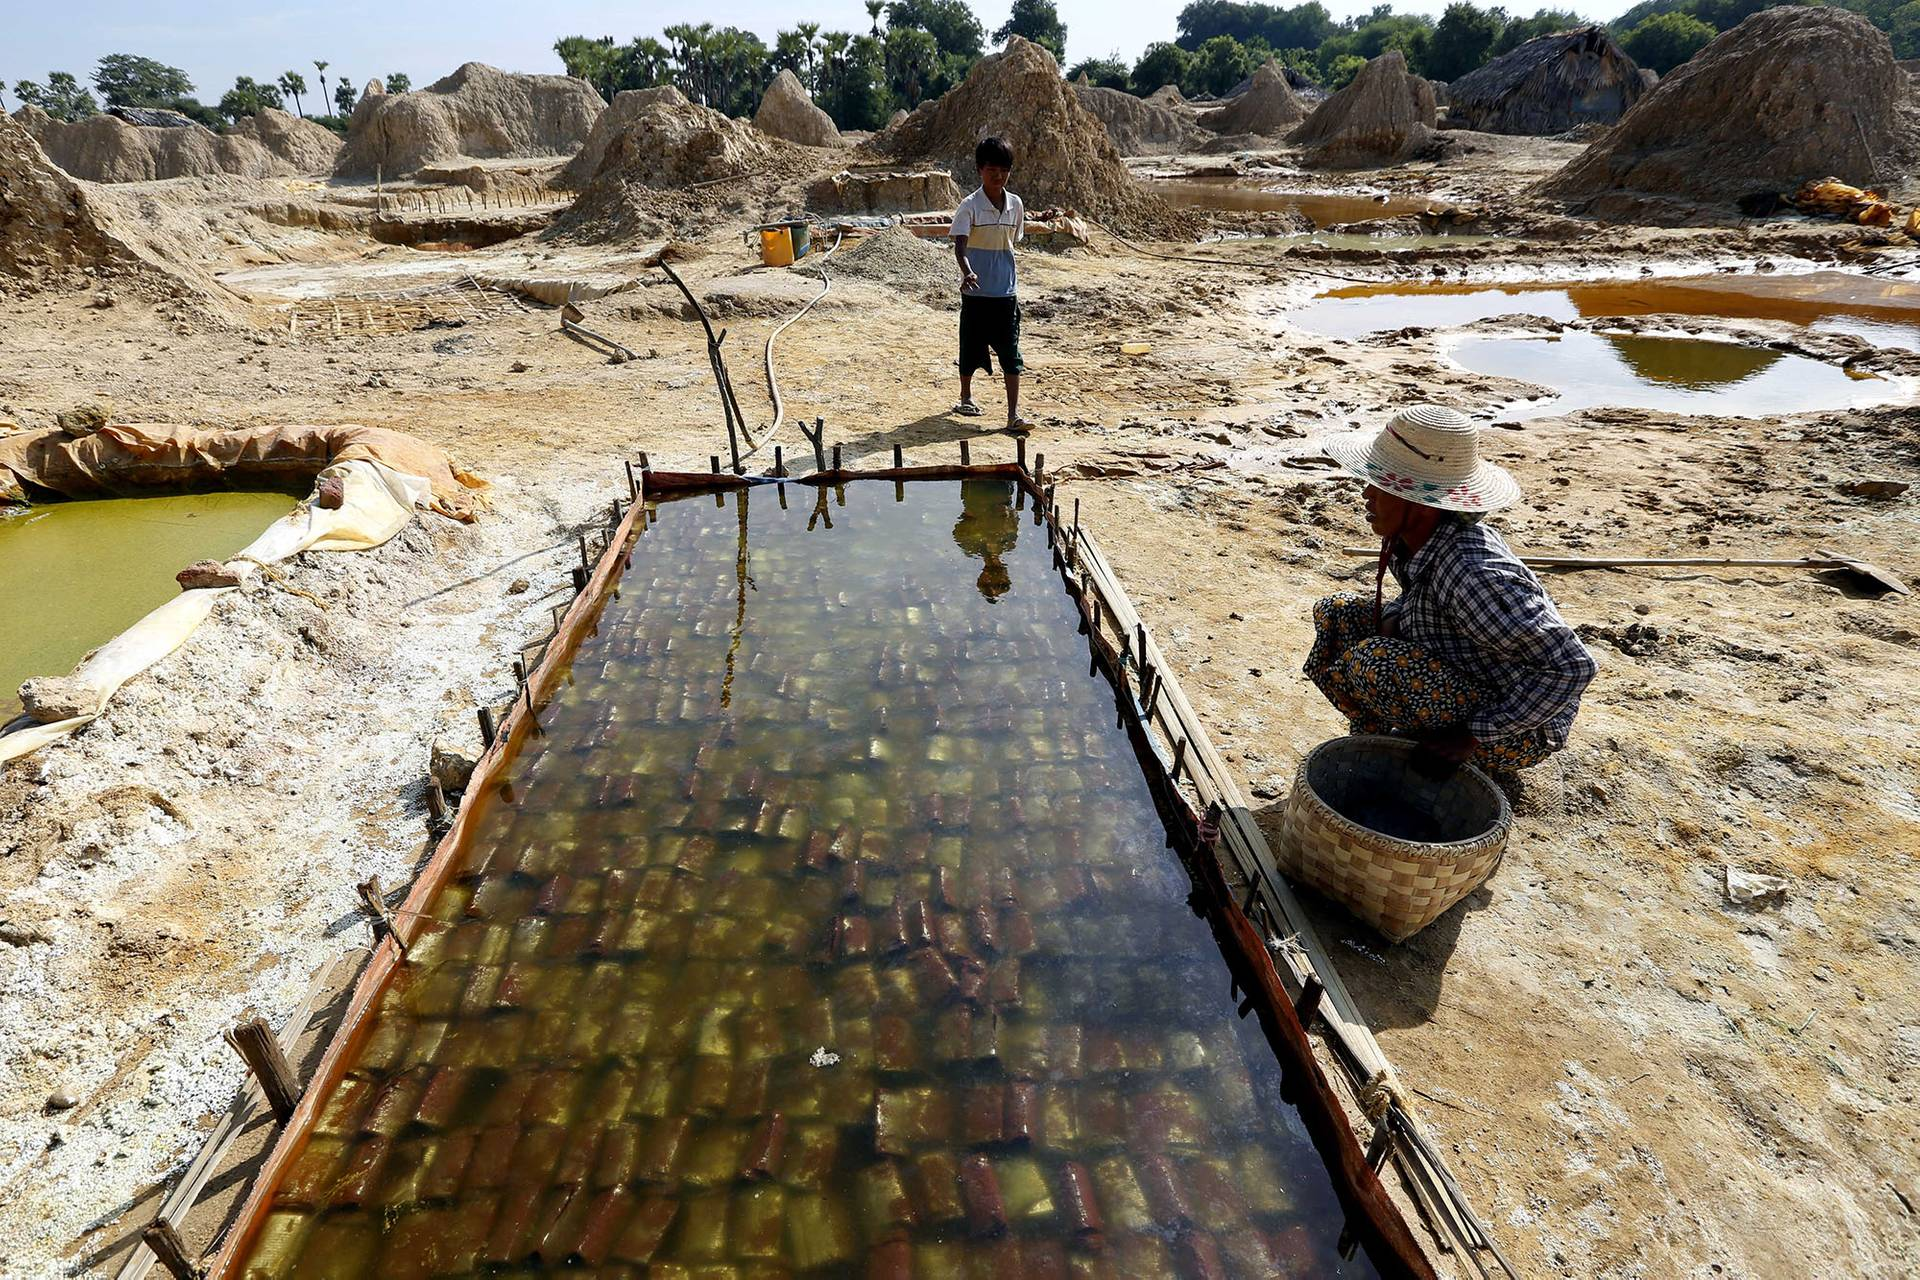 Неповнолітній хлопчик із своєю матір'ю спостерігають за процесом обробки міді на шахті біля містечка Моніва, М'янма, 1 грудня 2012 року. В деяких країнах нерідко використовують дитячу працю на шахтах